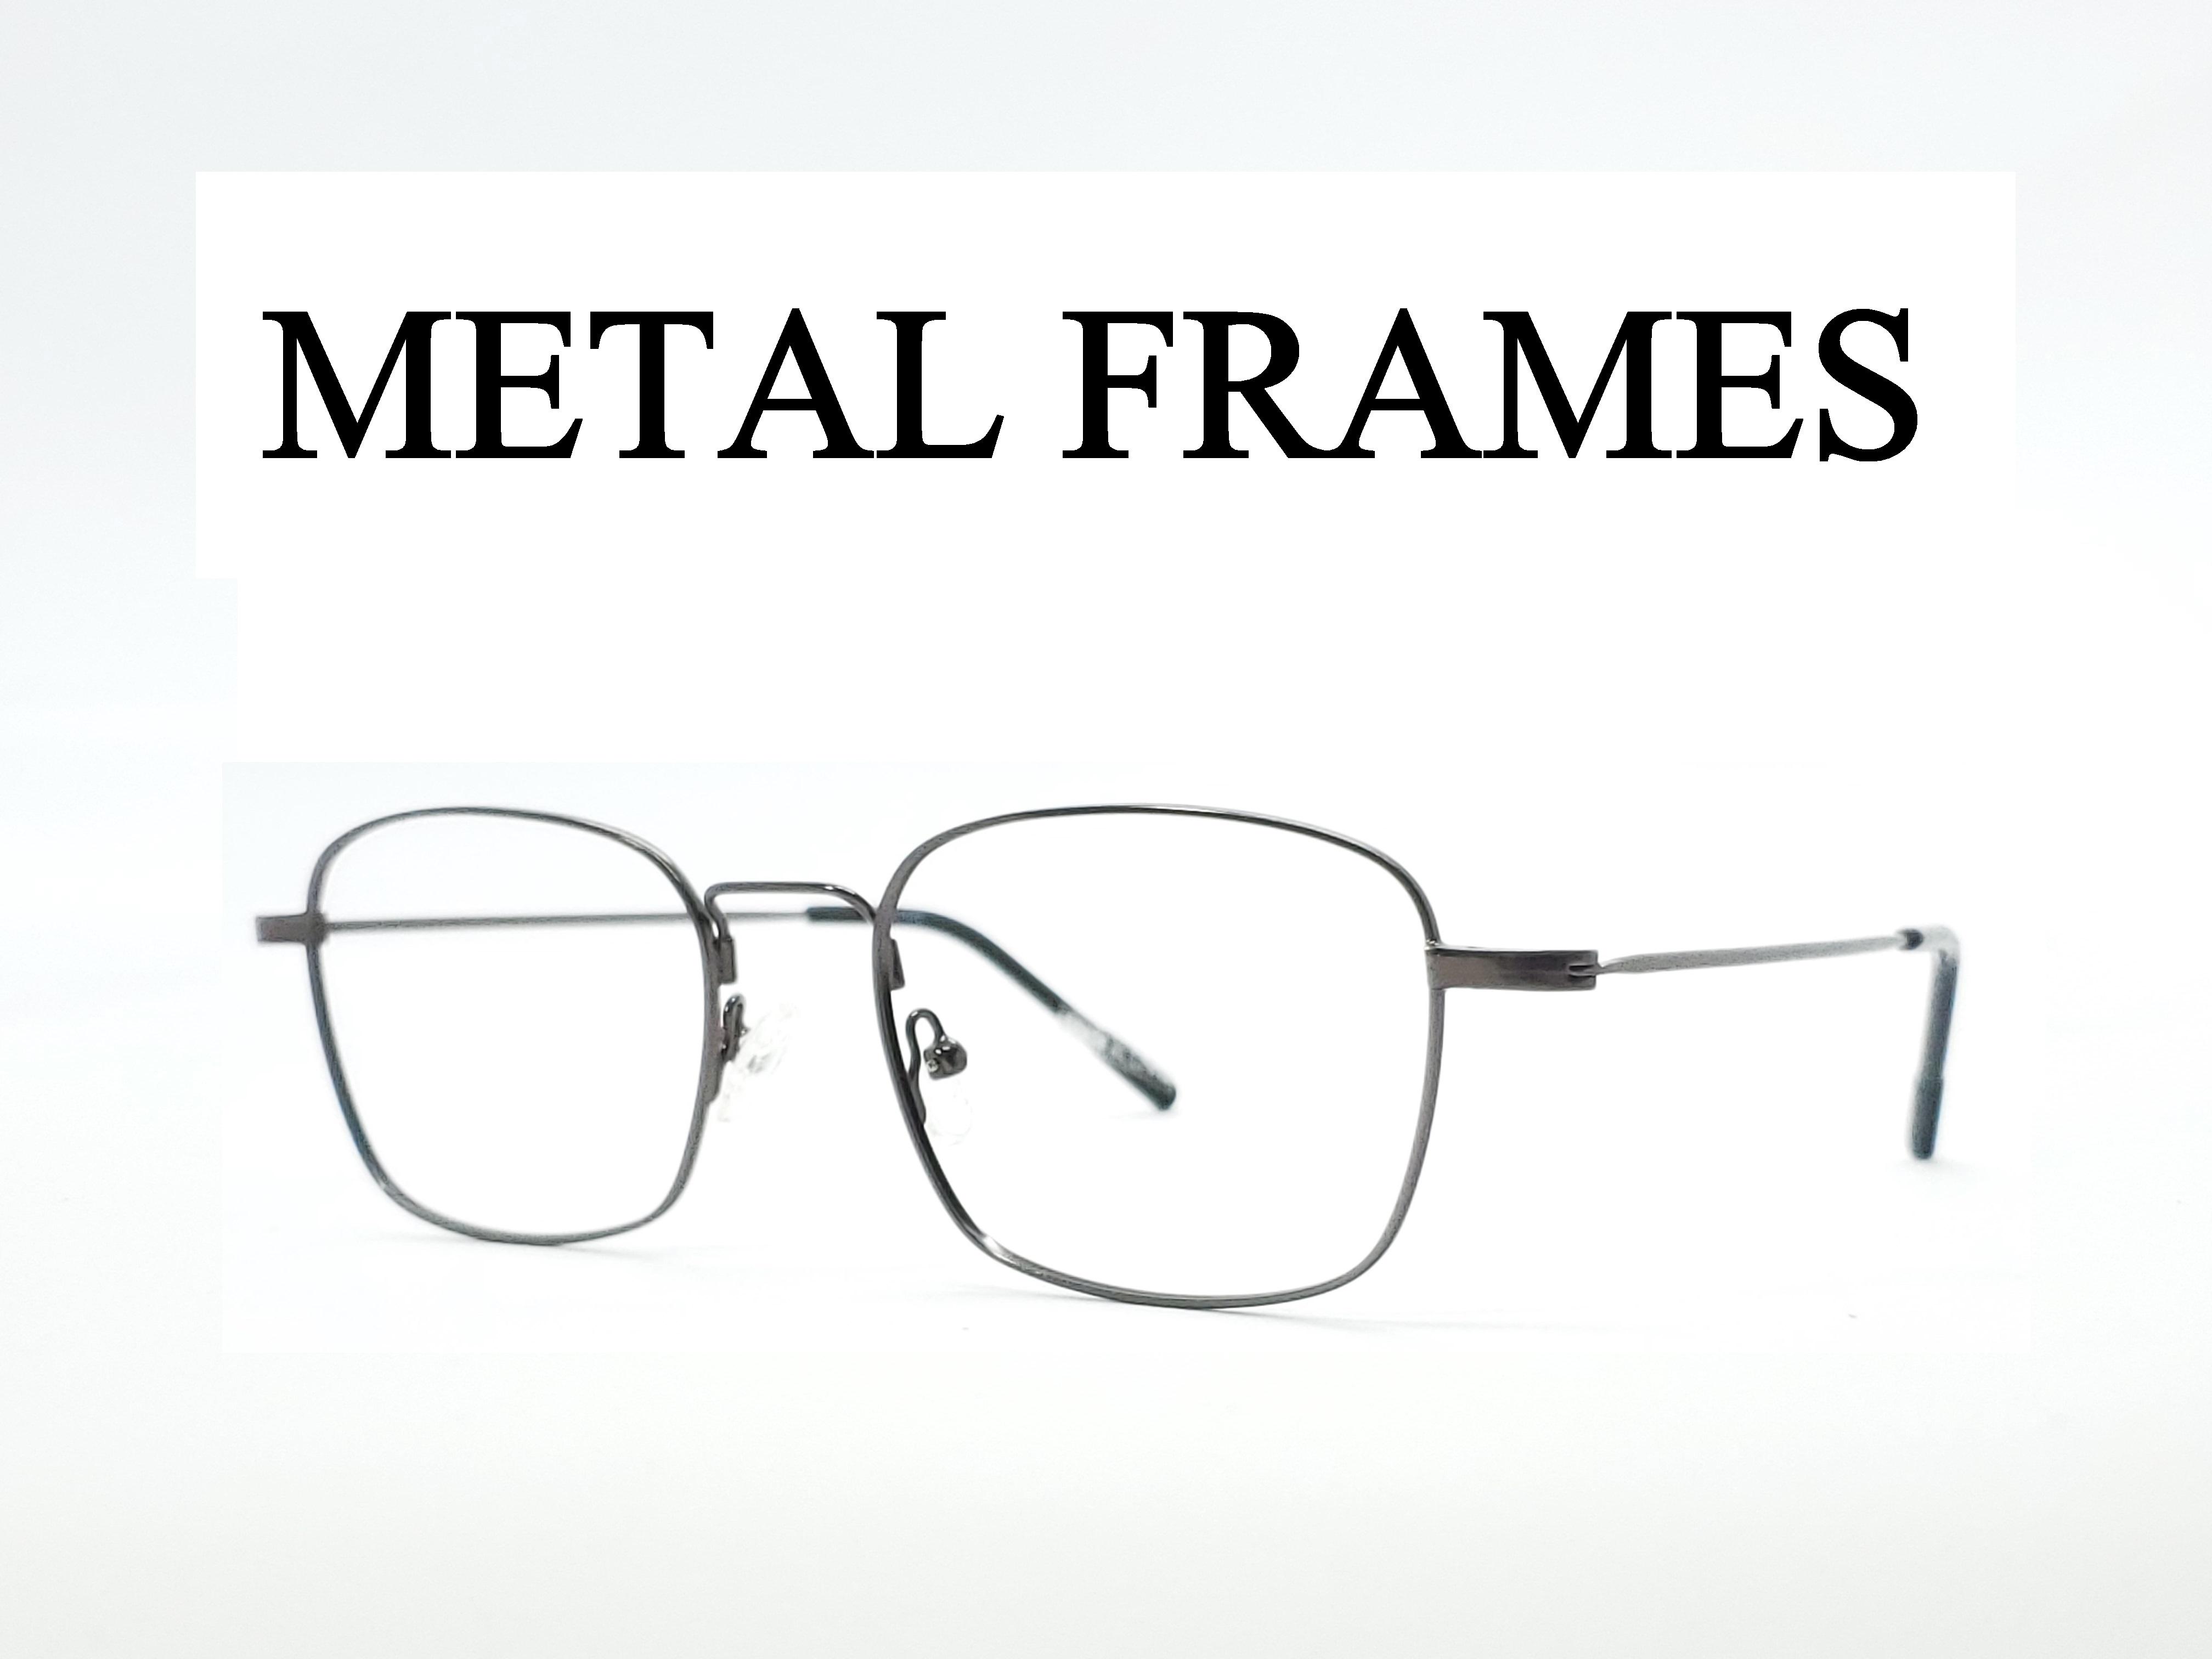 Dr. Lens Change METAL FRAMES PIC